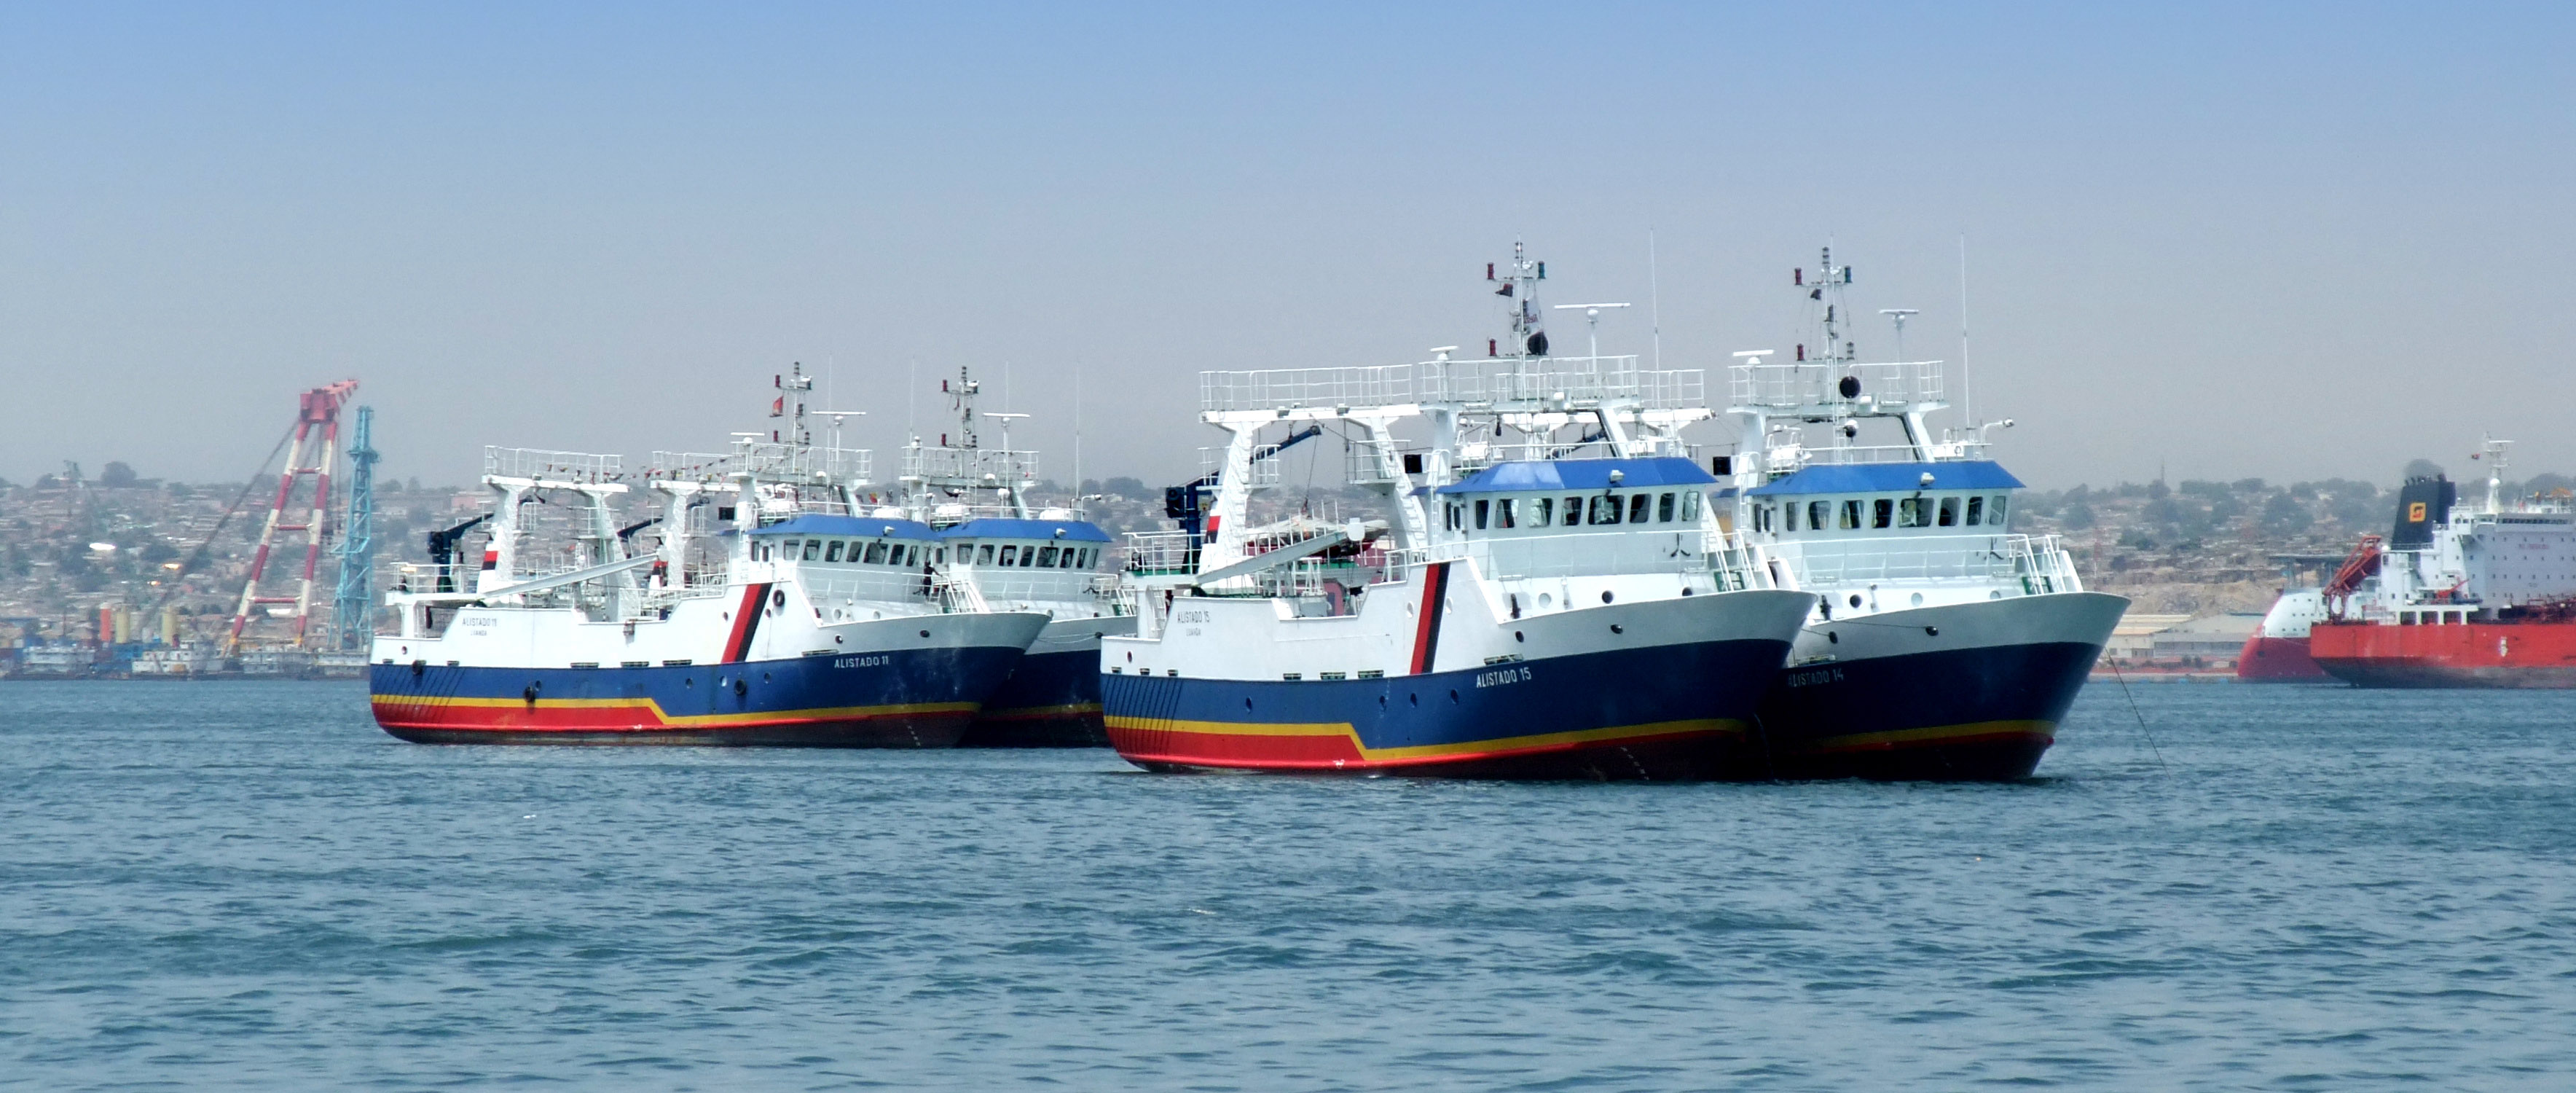 Statki rybackie dla Angoli